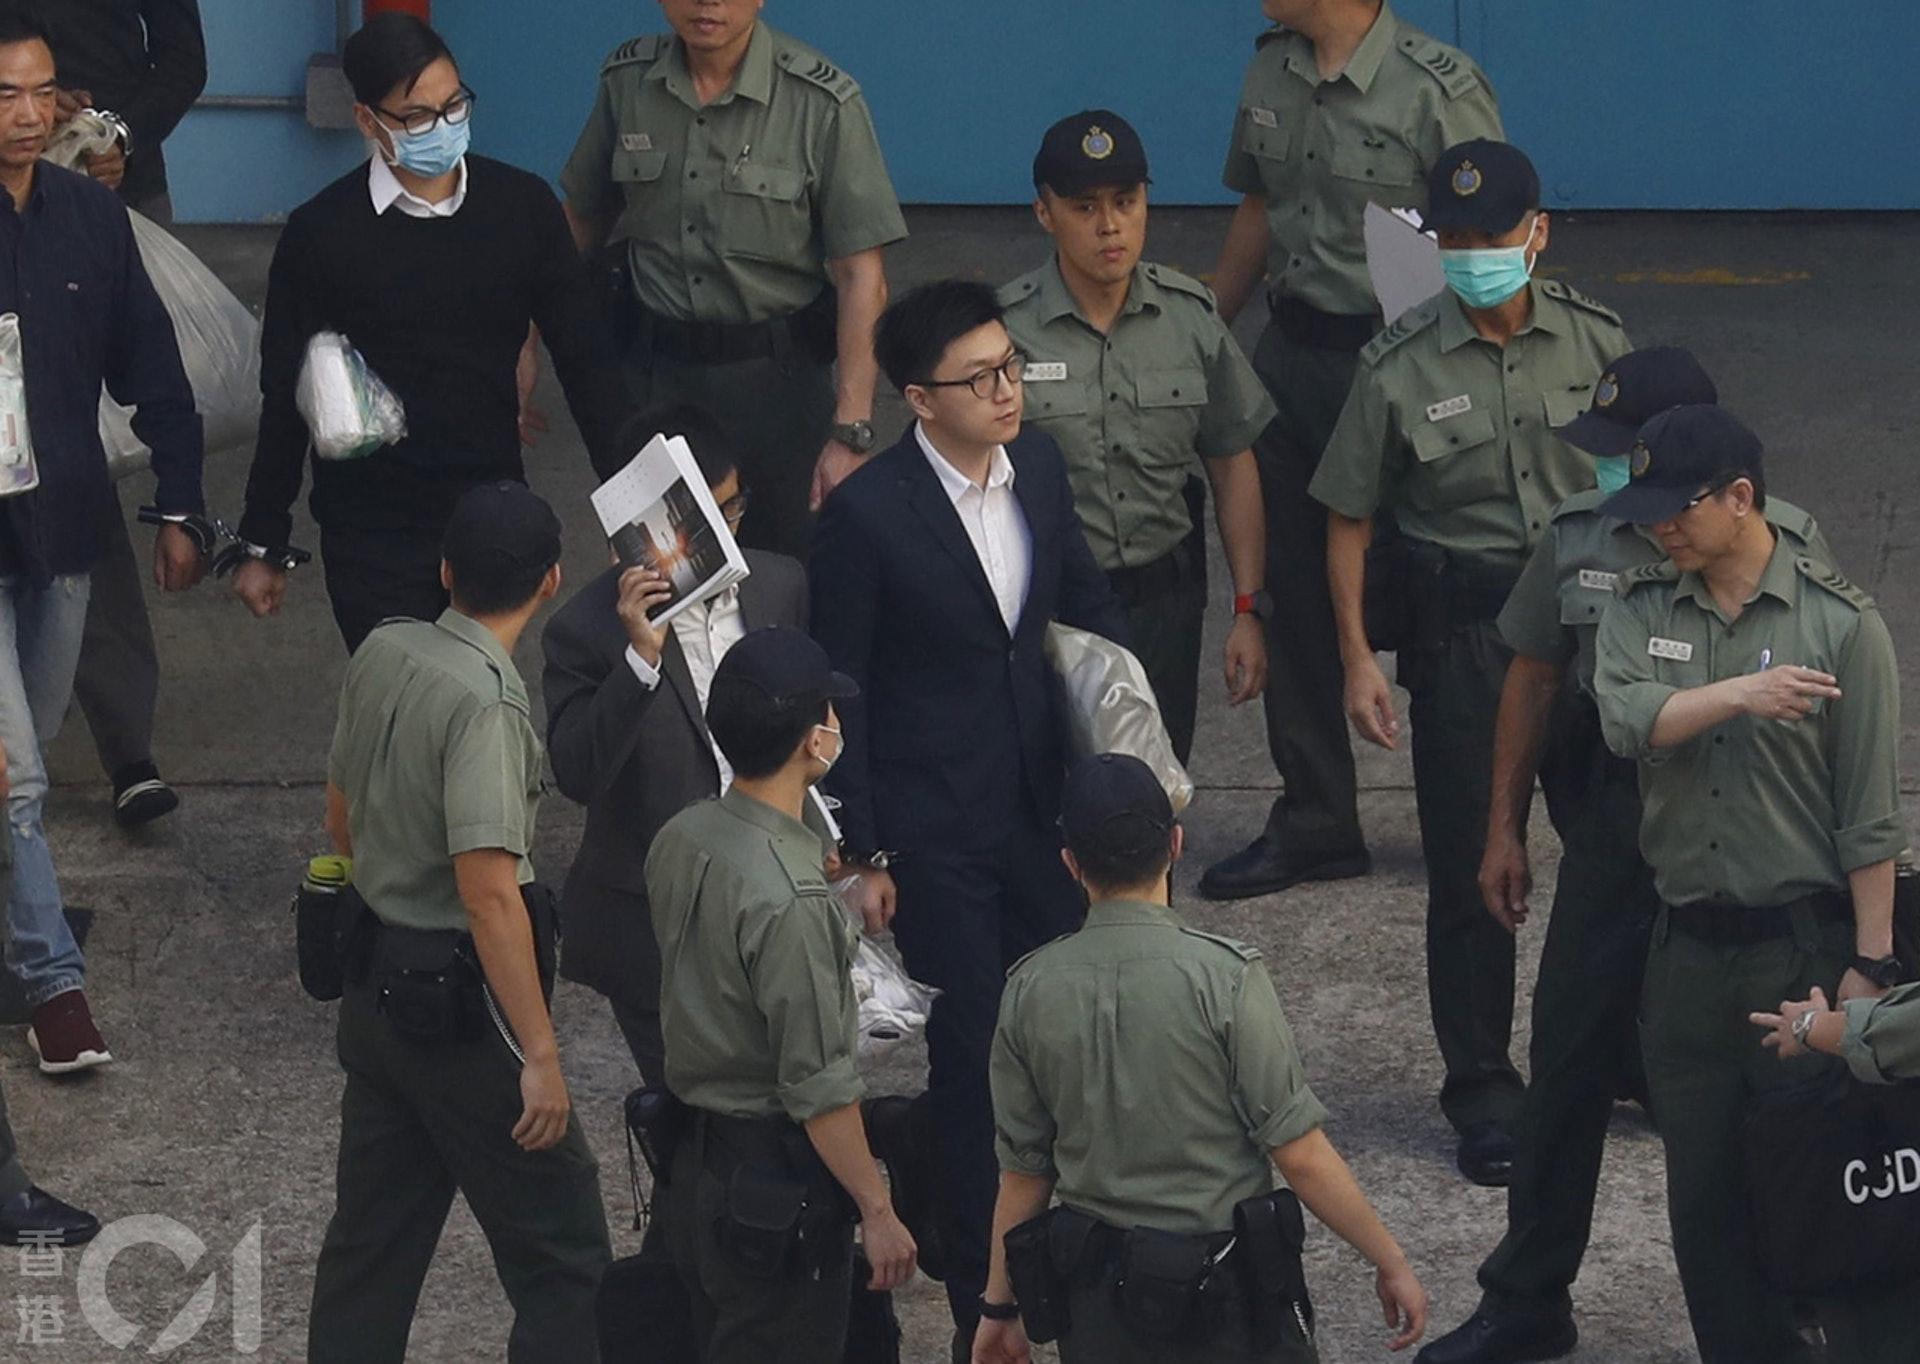 2018年6月11日,旺角�}�y案判刑,梁天琦、�S家�x、�R建民由荔枝角收押所押上囚�。(余俊亮�z)